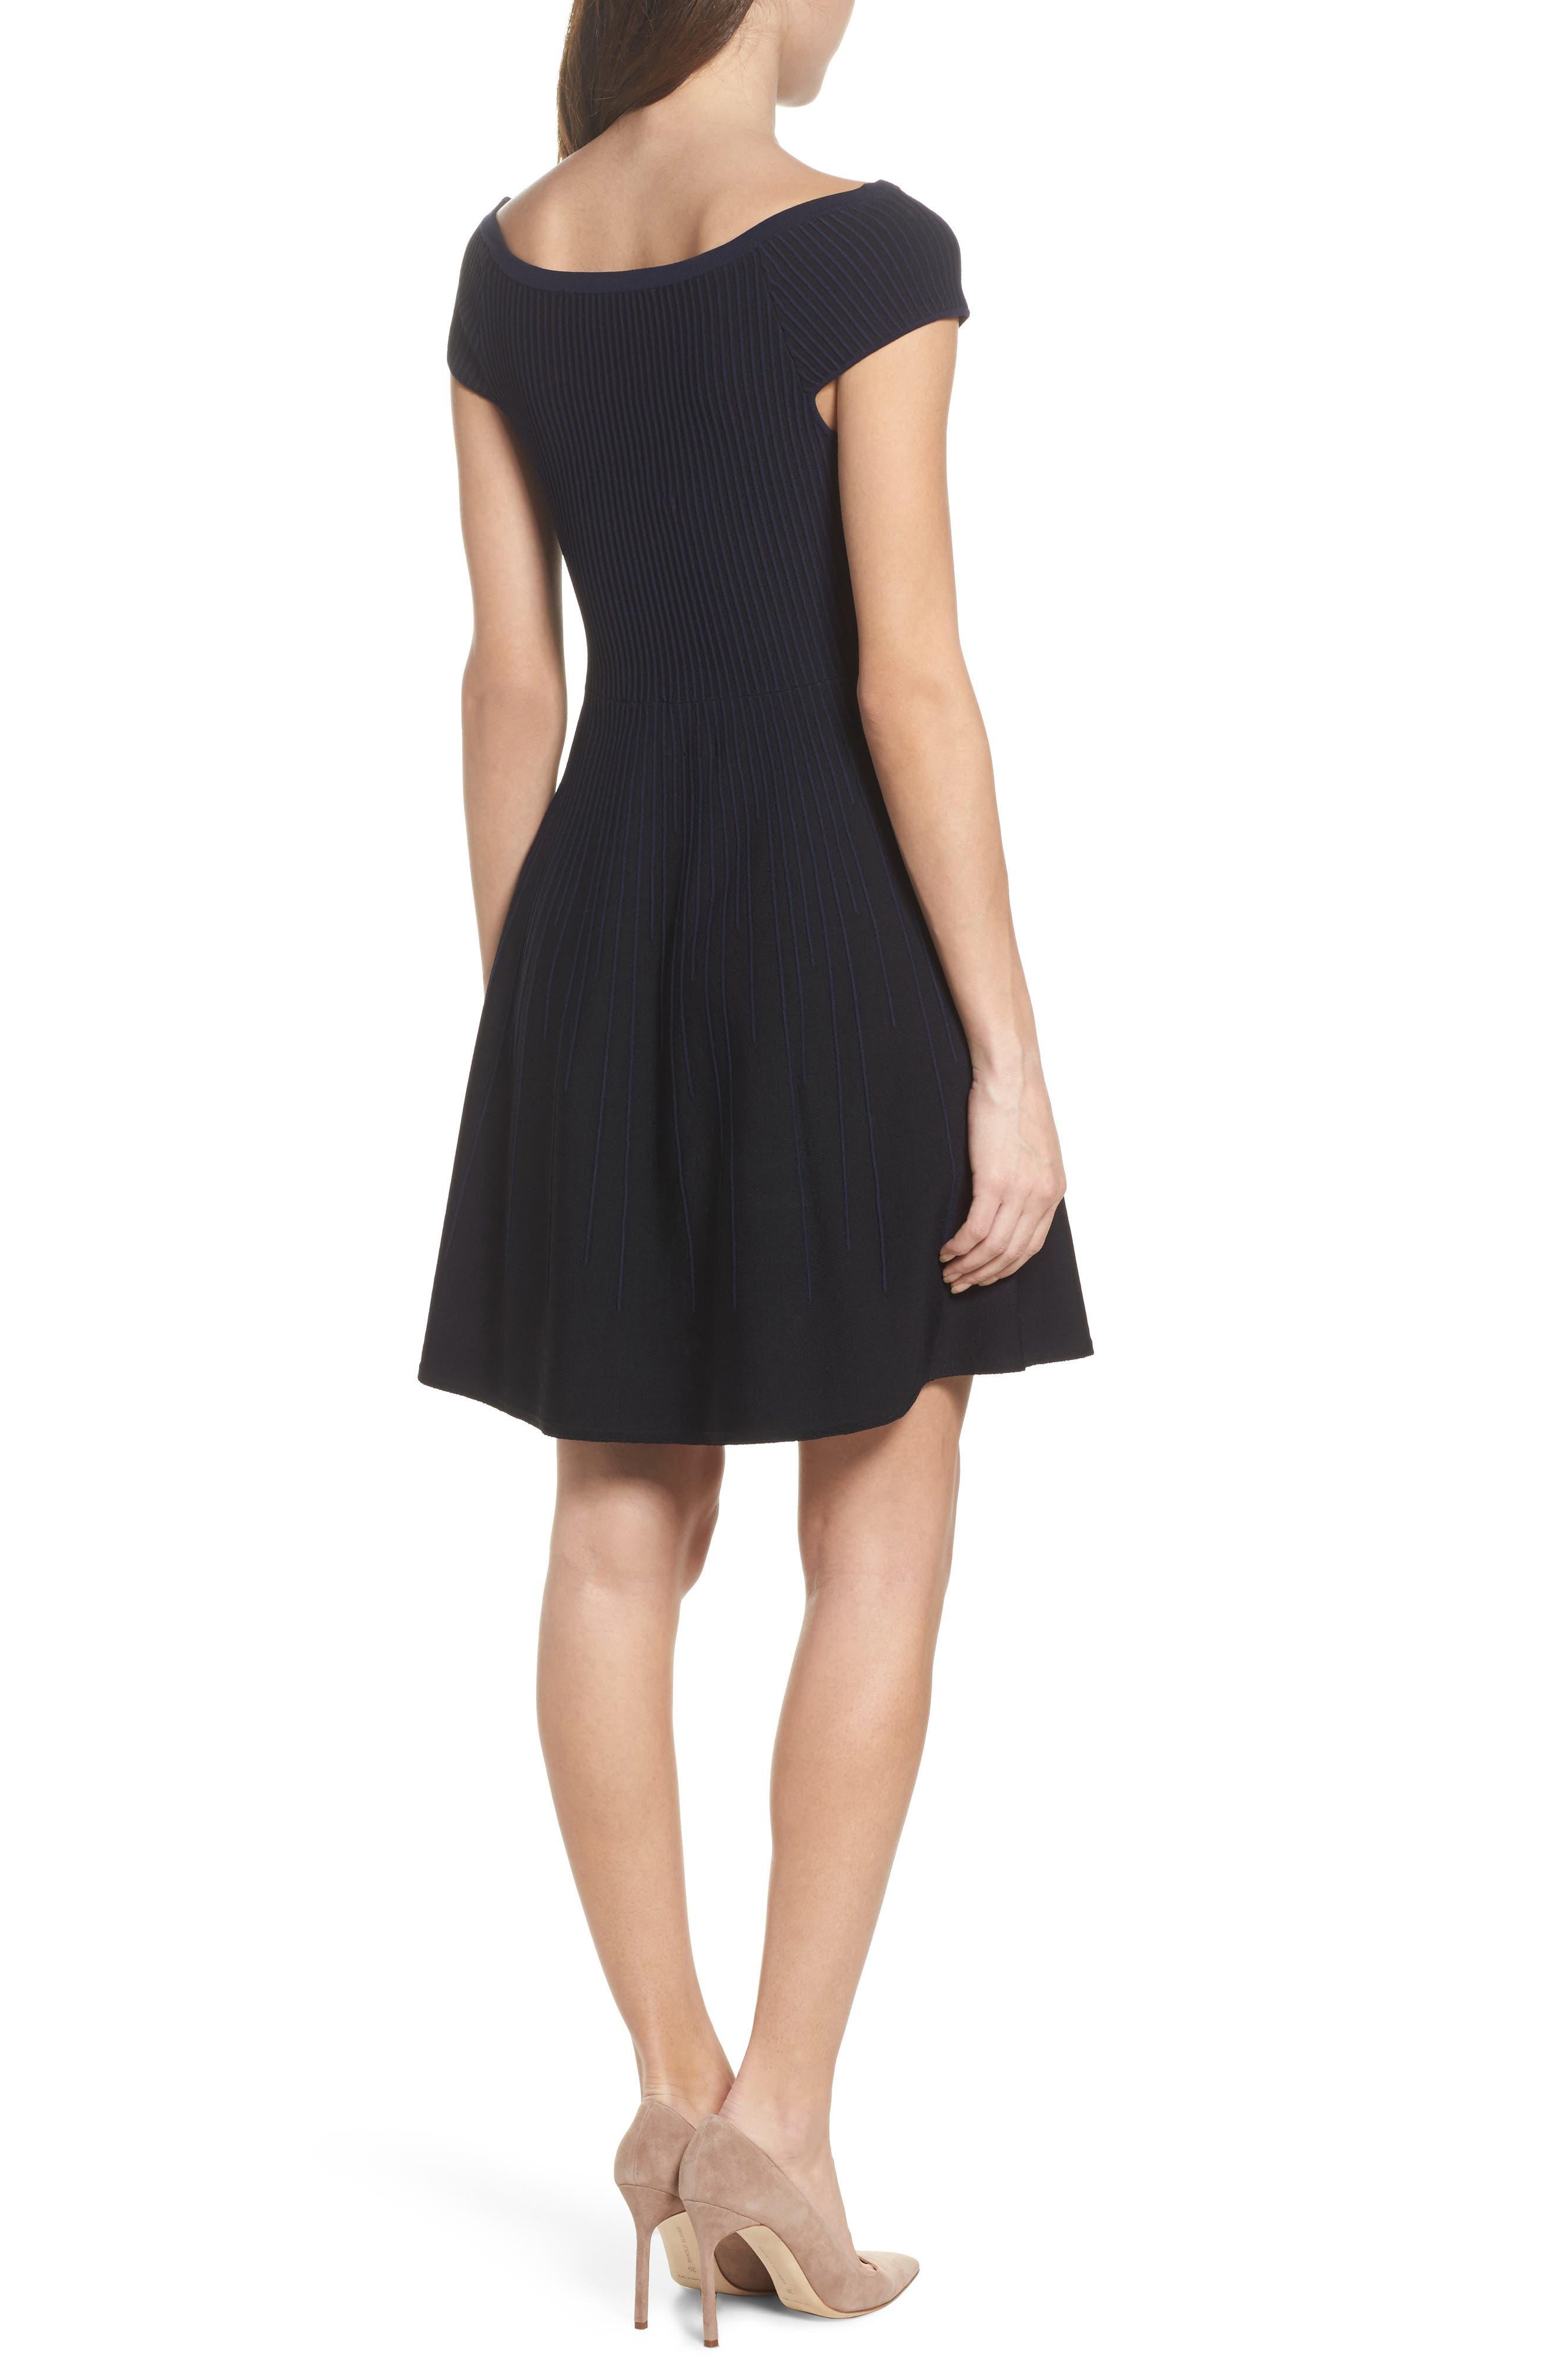 Olivia Off the Shoulder Dress,                             Alternate thumbnail 2, color,                             Black/ Nocturnal